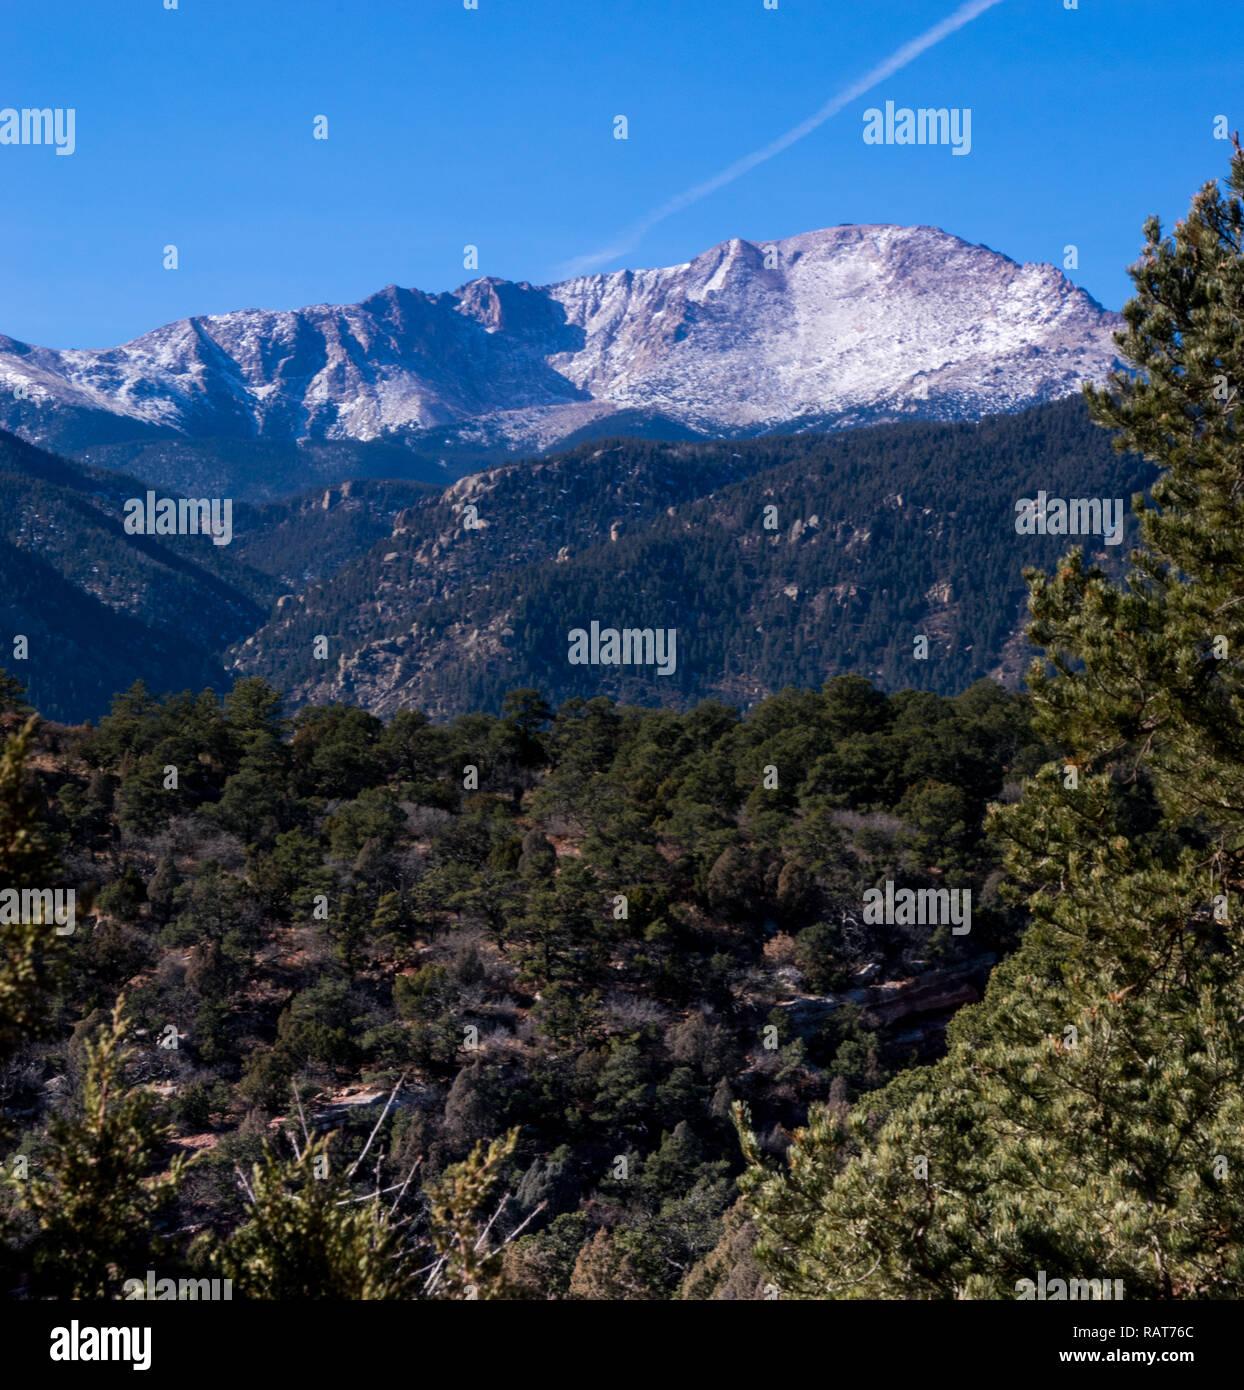 Pike's Peak, Colorado Springs, Colorado 04/2018 - Stock Image